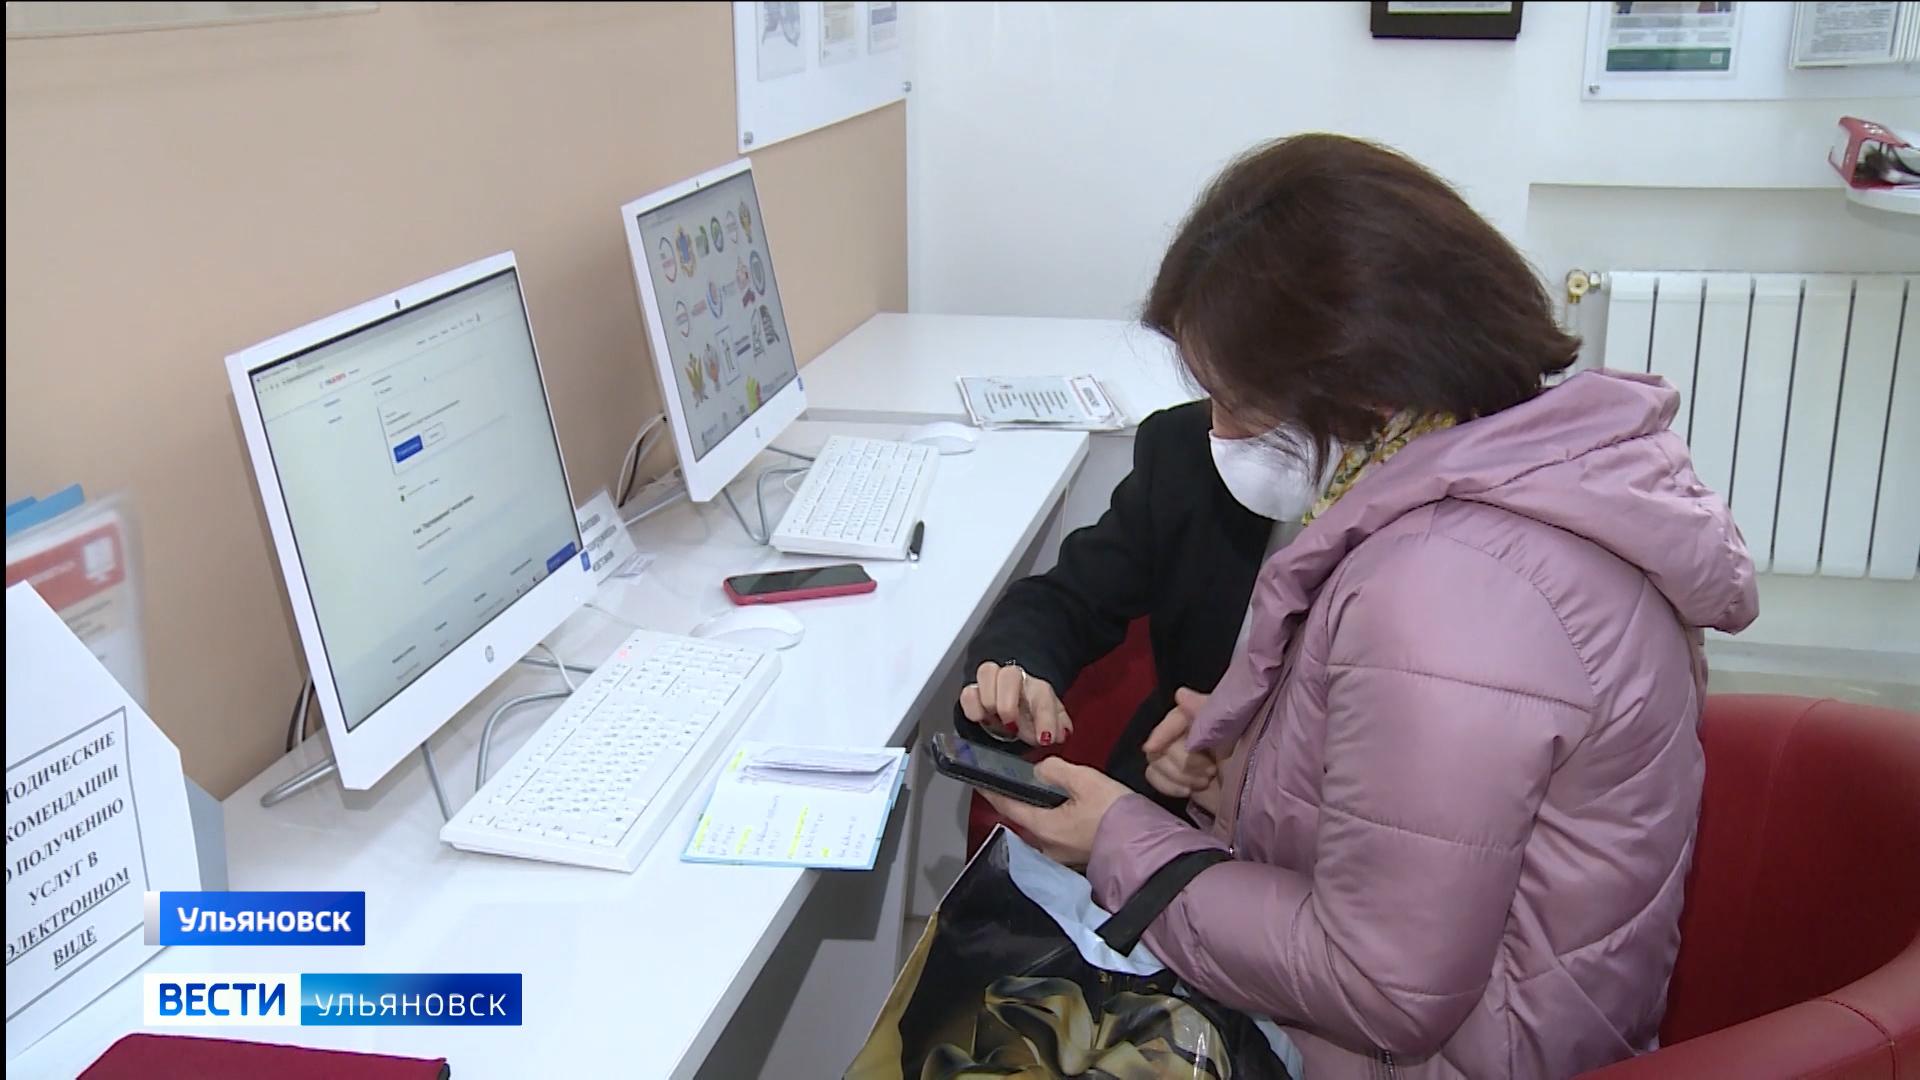 Всероссийская перепись населения в электронном формате завершается 8 ноября